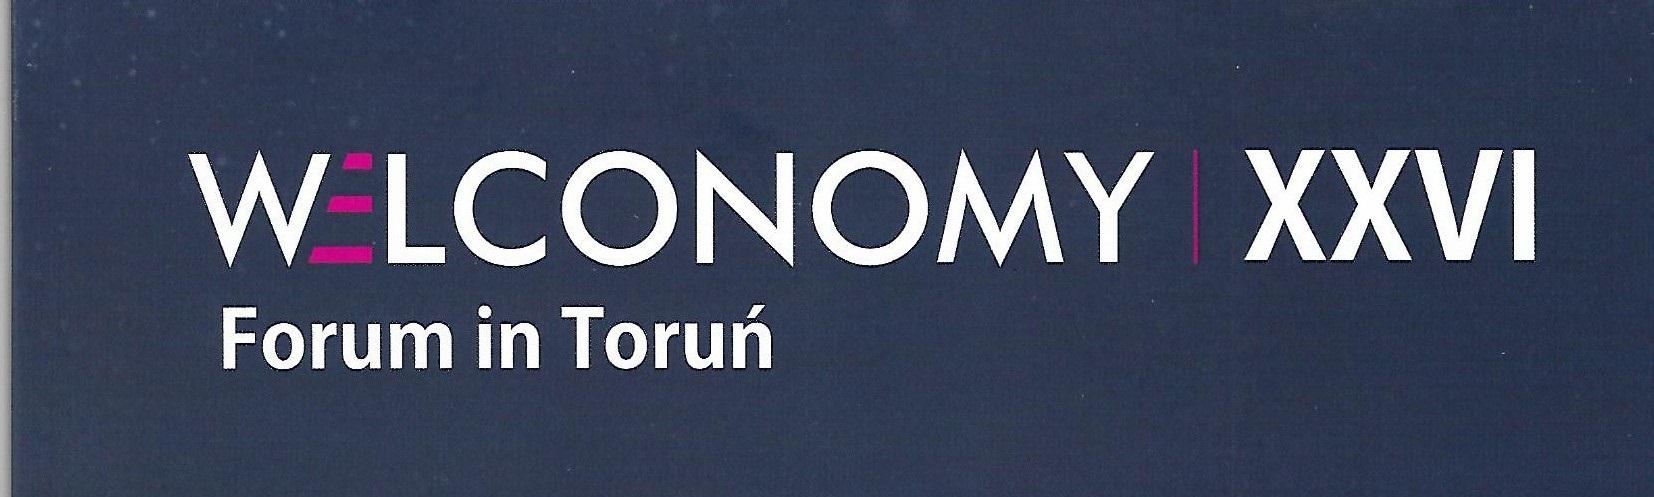 Regulacje prawne technologii blockchain, czyli Welconomy Toruń 2019 cz. 2